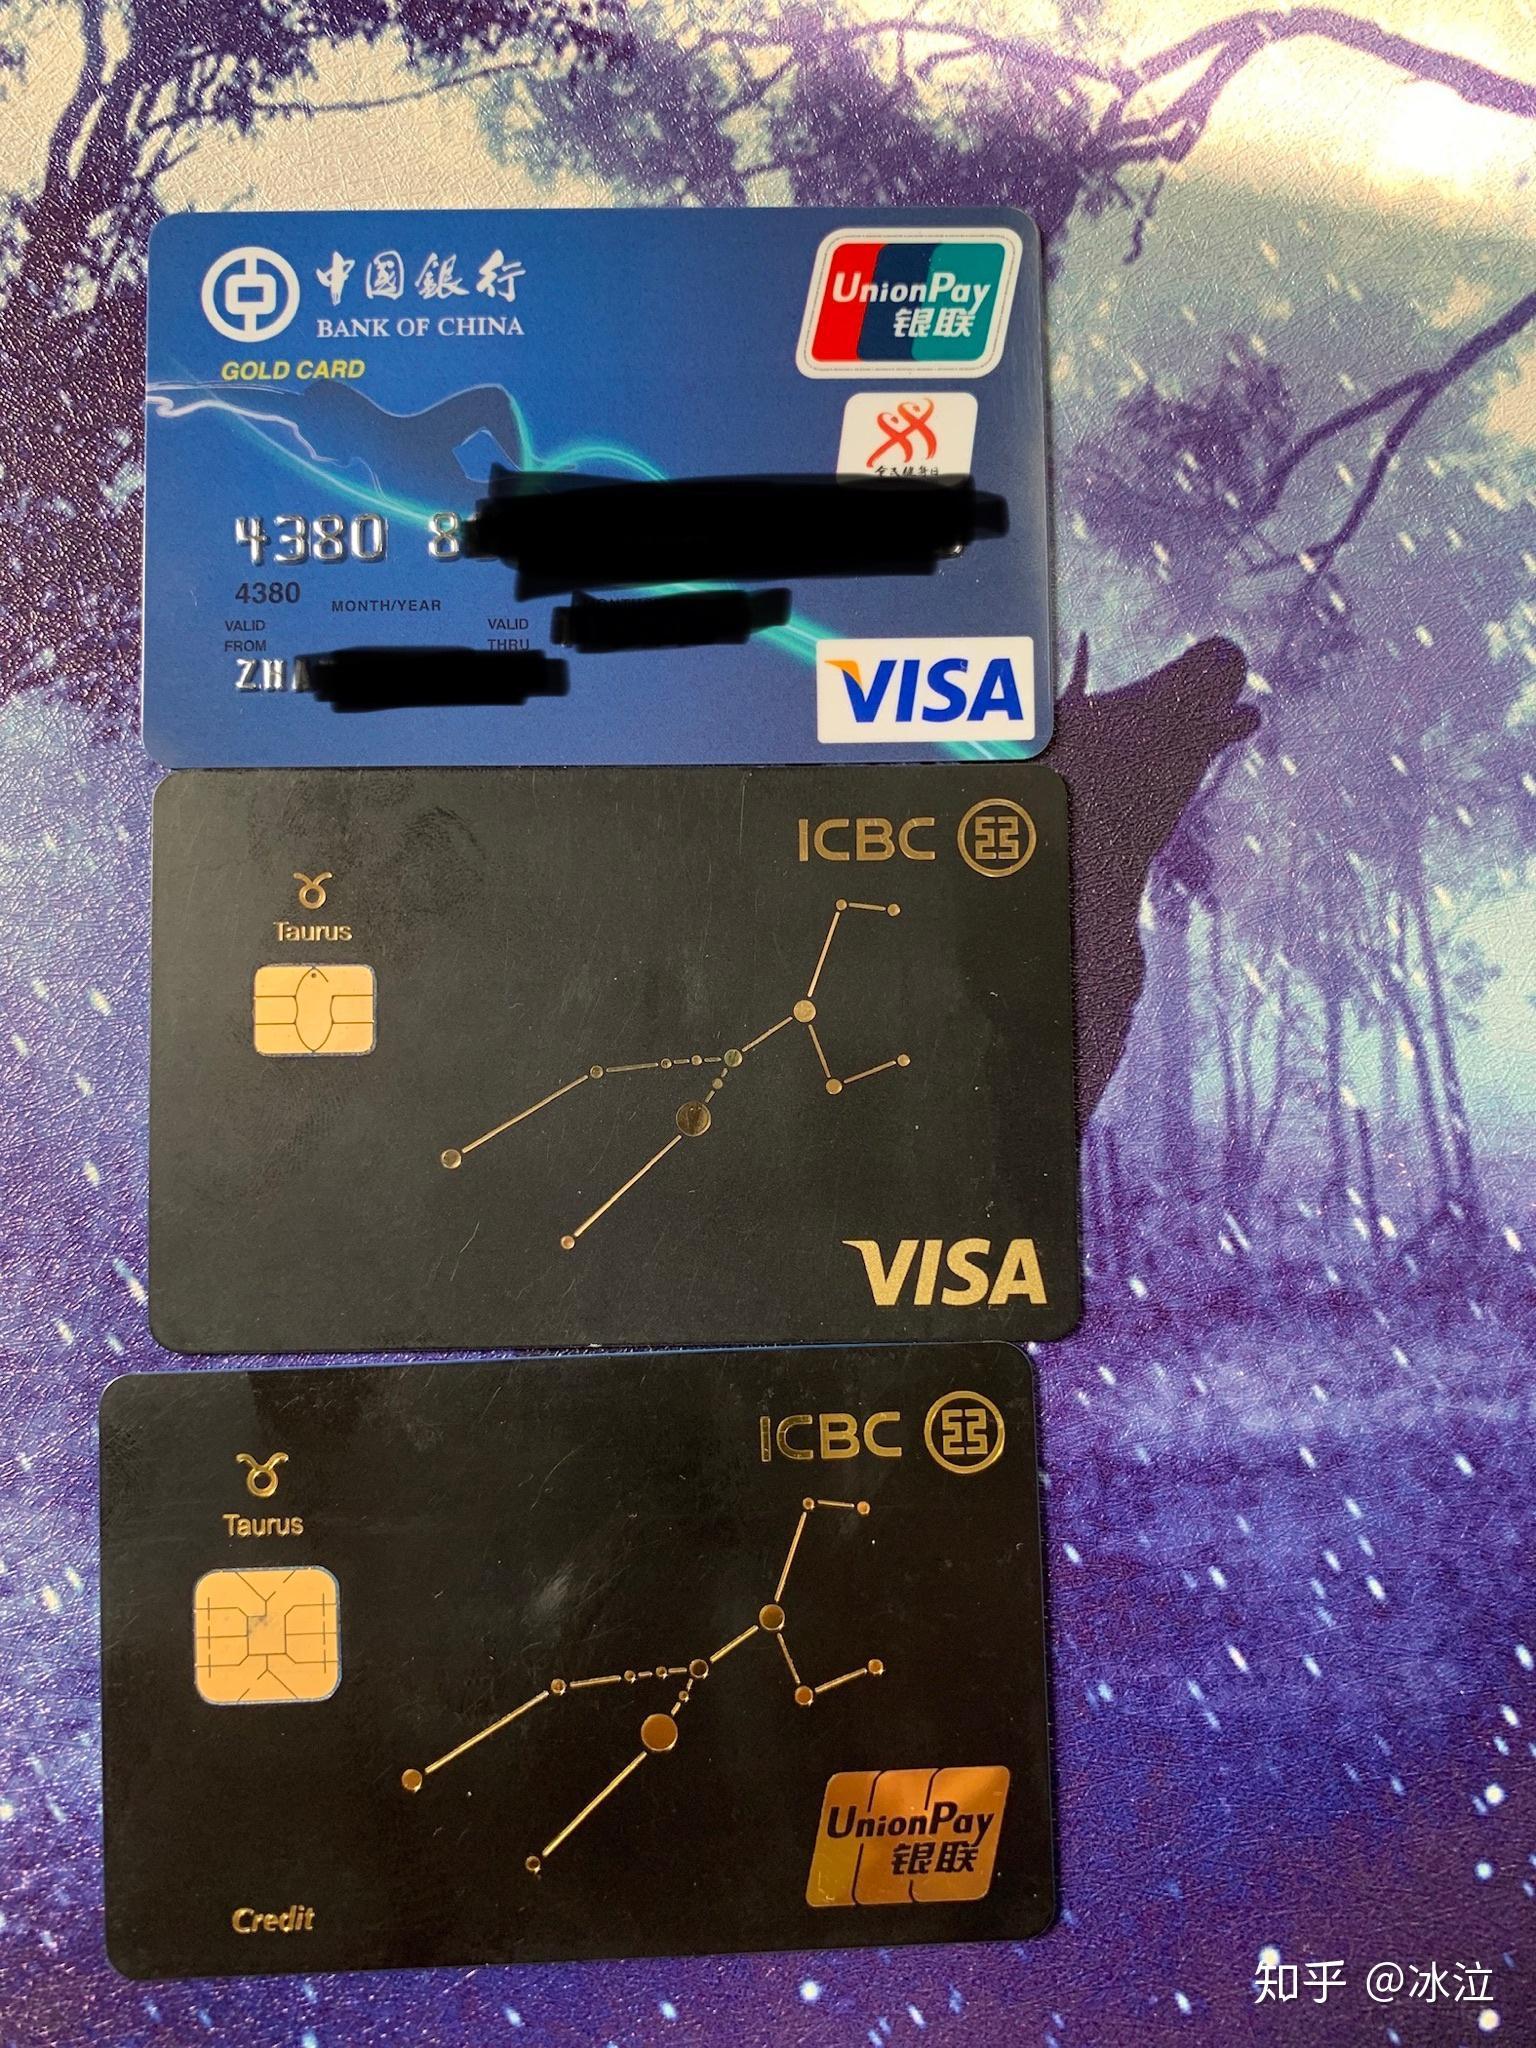 青春 卡 visa 双 币 版